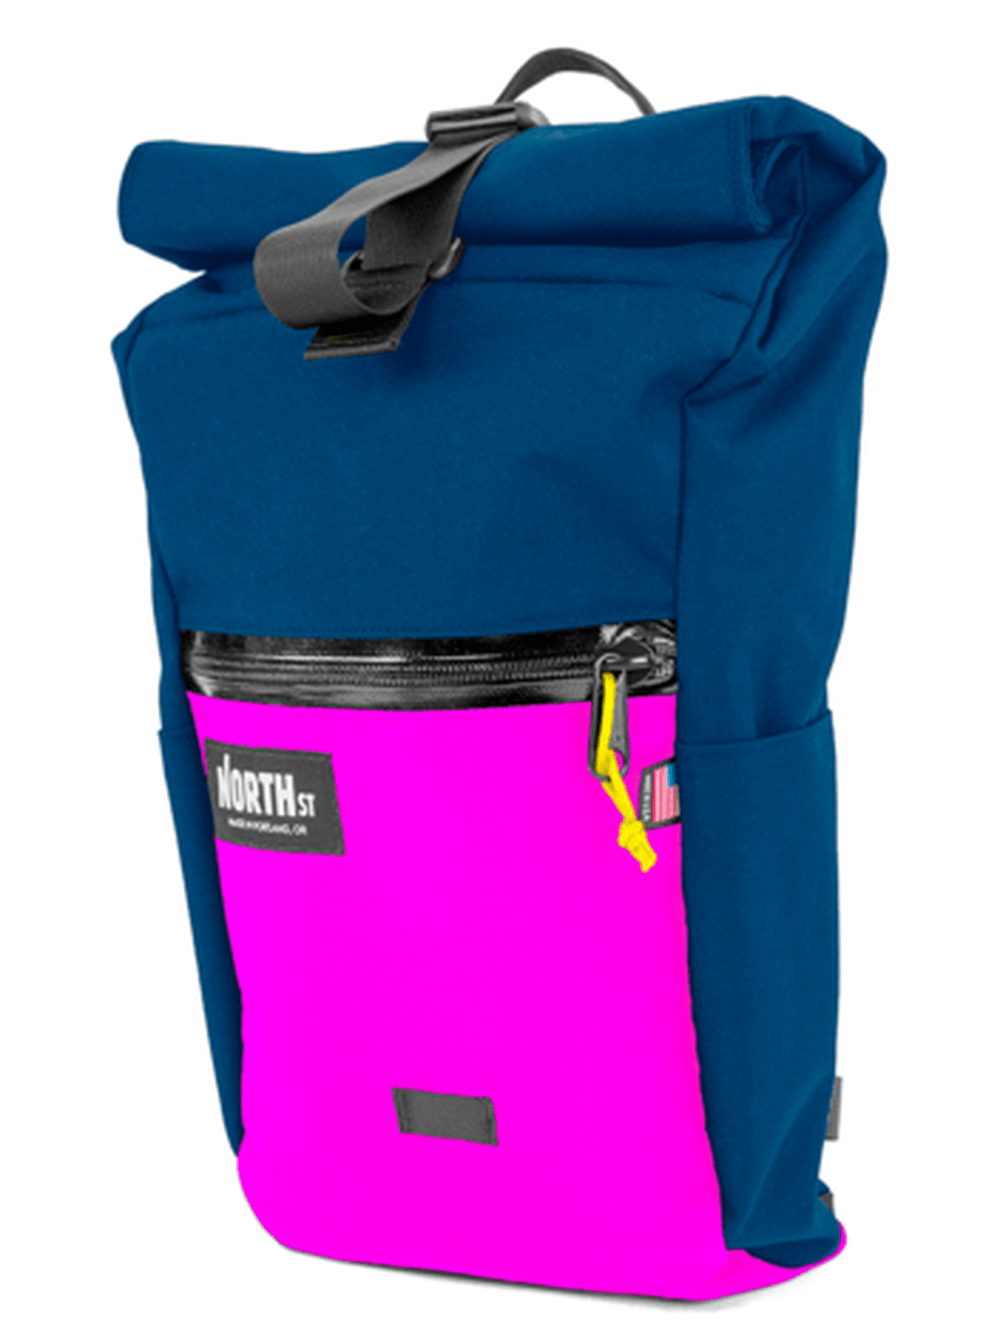 North St. Davis – rolltop backpack